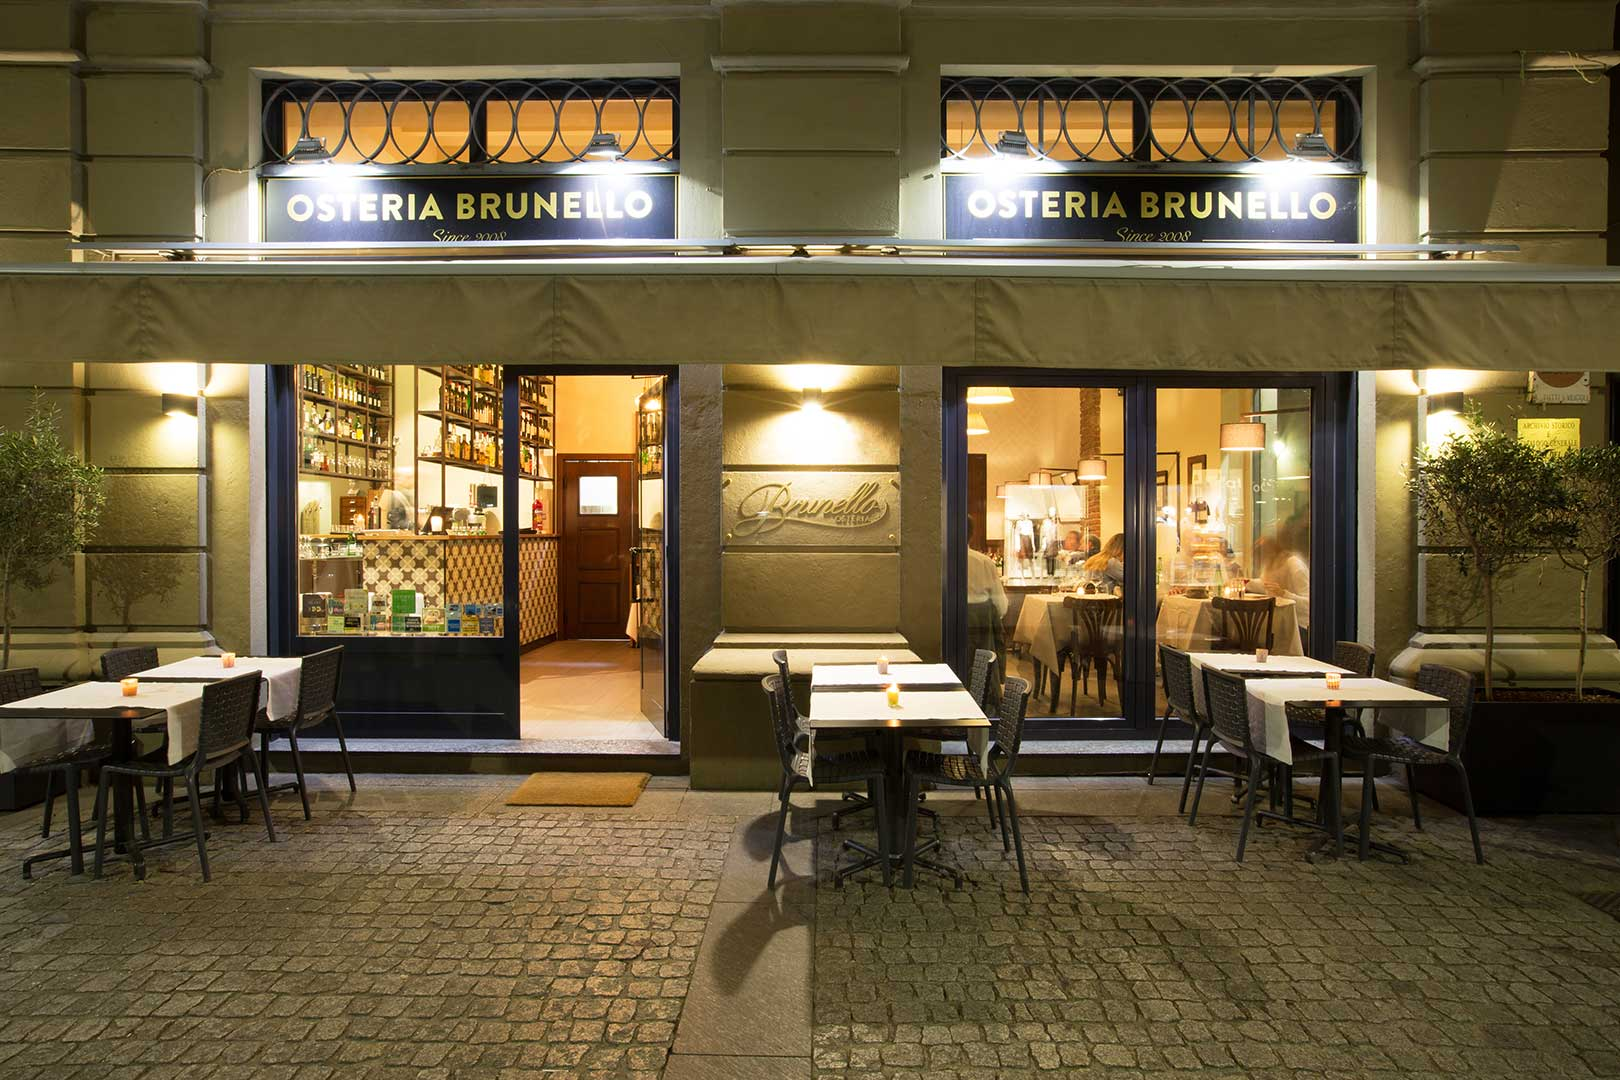 Osteria Brunello Milano